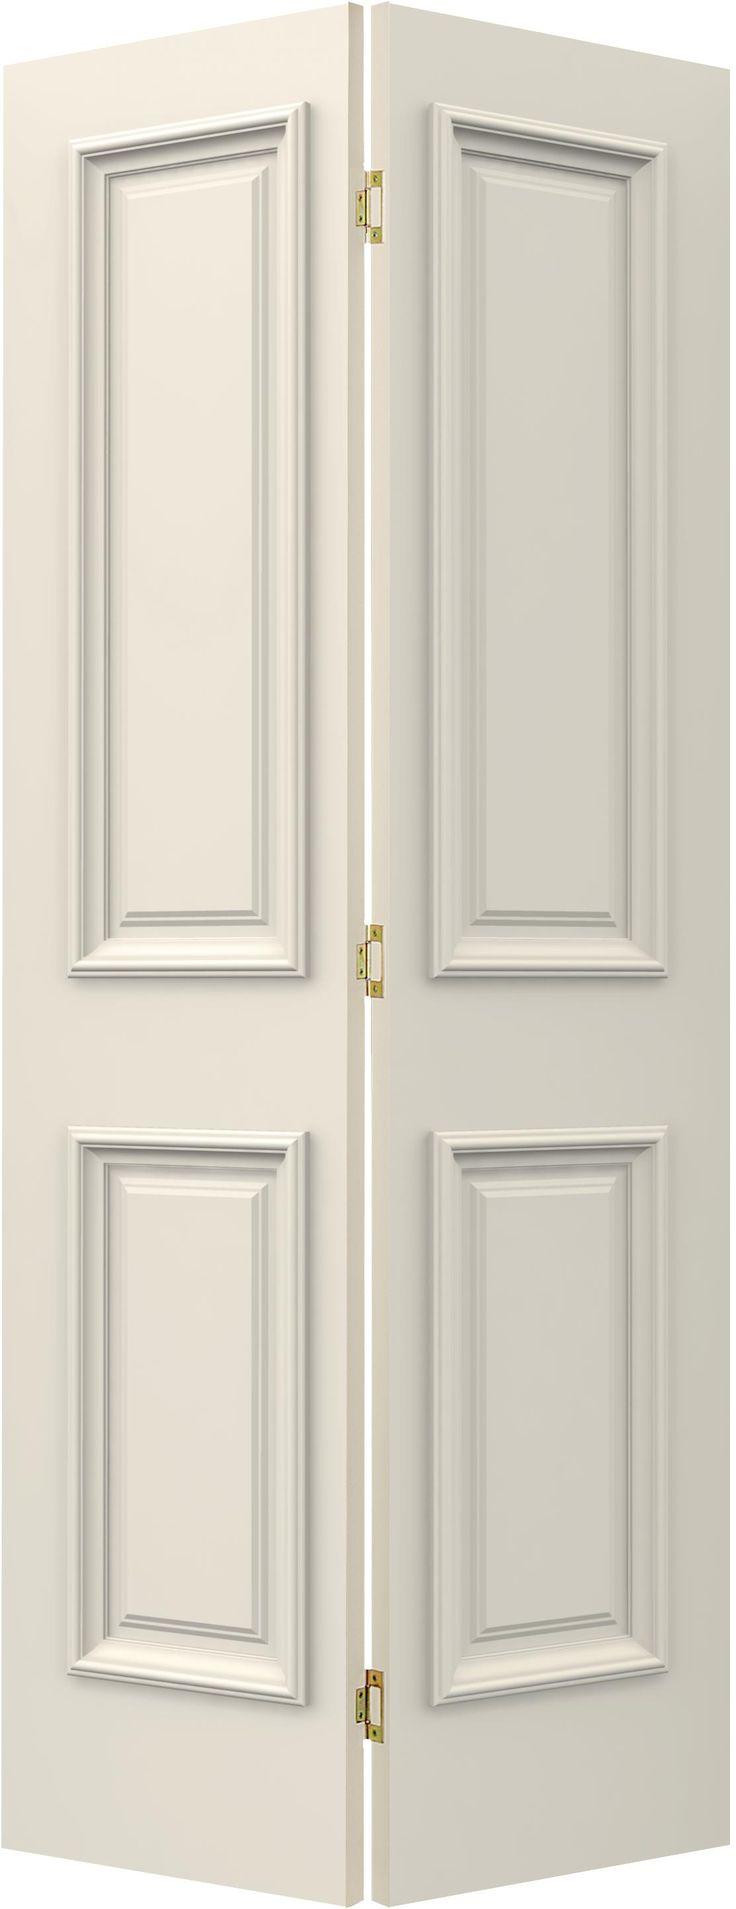 Tria™ Composite R-Series Bifold Interior Door | JELD-WEN Doors & Windows